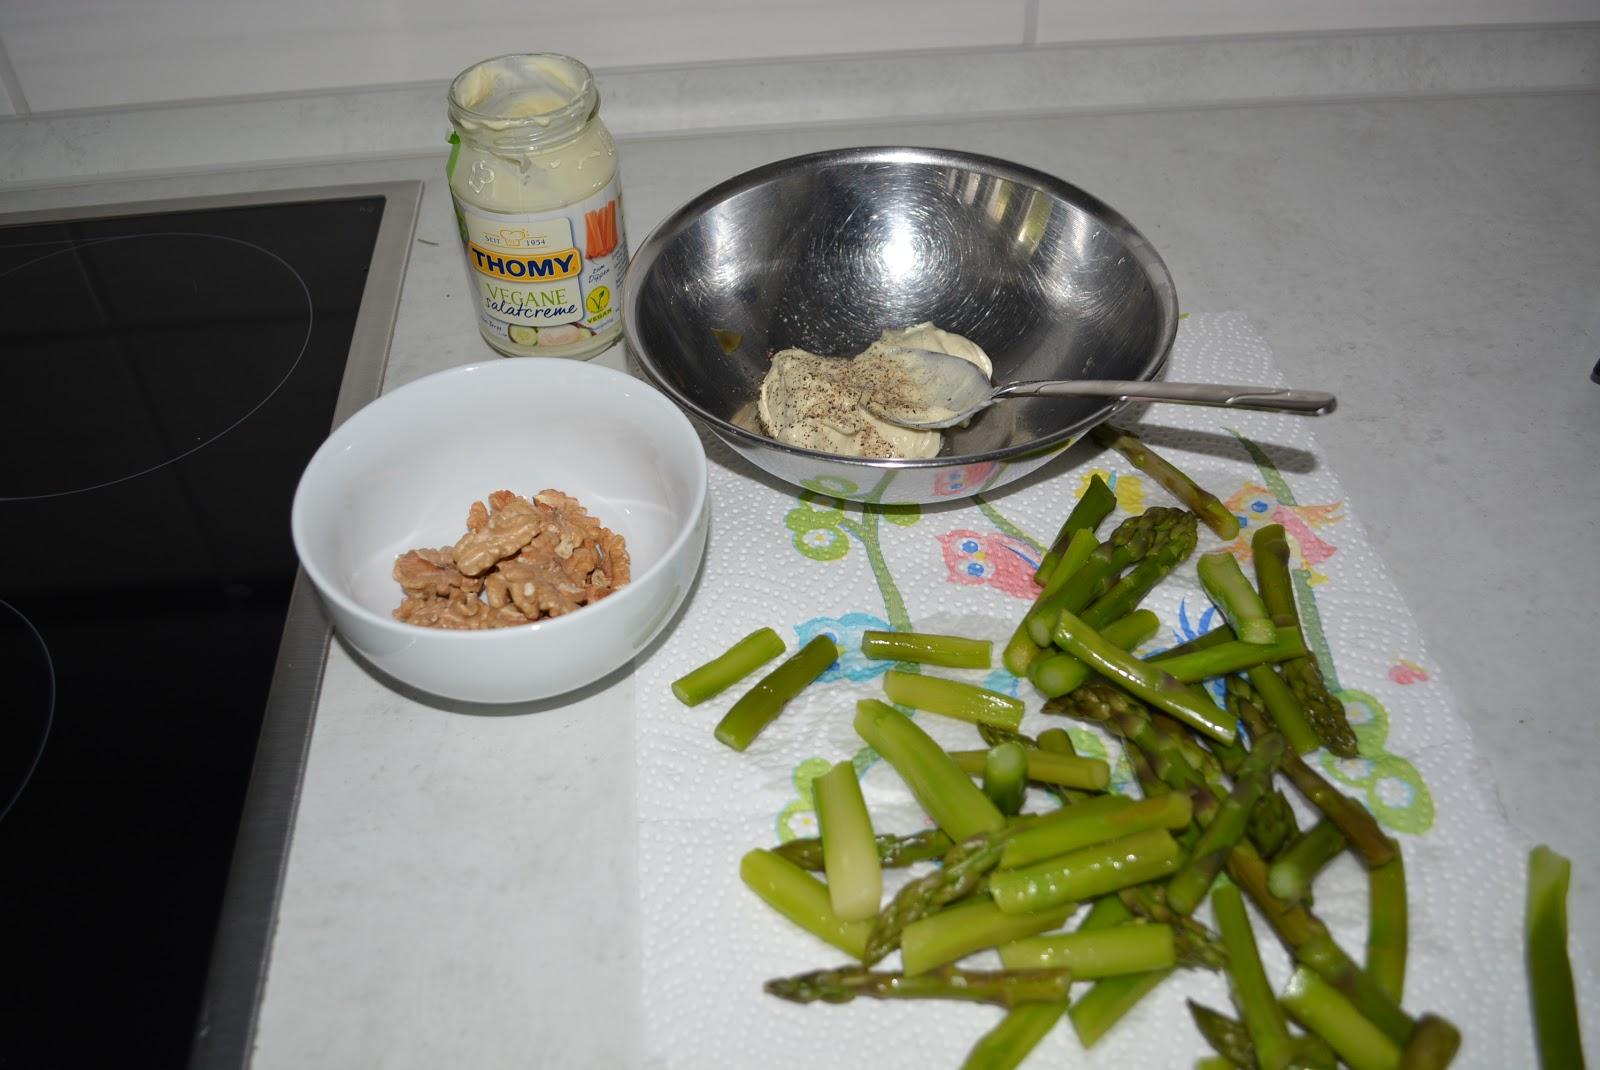 Nach ostern eier brig wie w re es mit gr ner spargelsalat mit waln ssen und ei - Eier kochen wachsweich ...